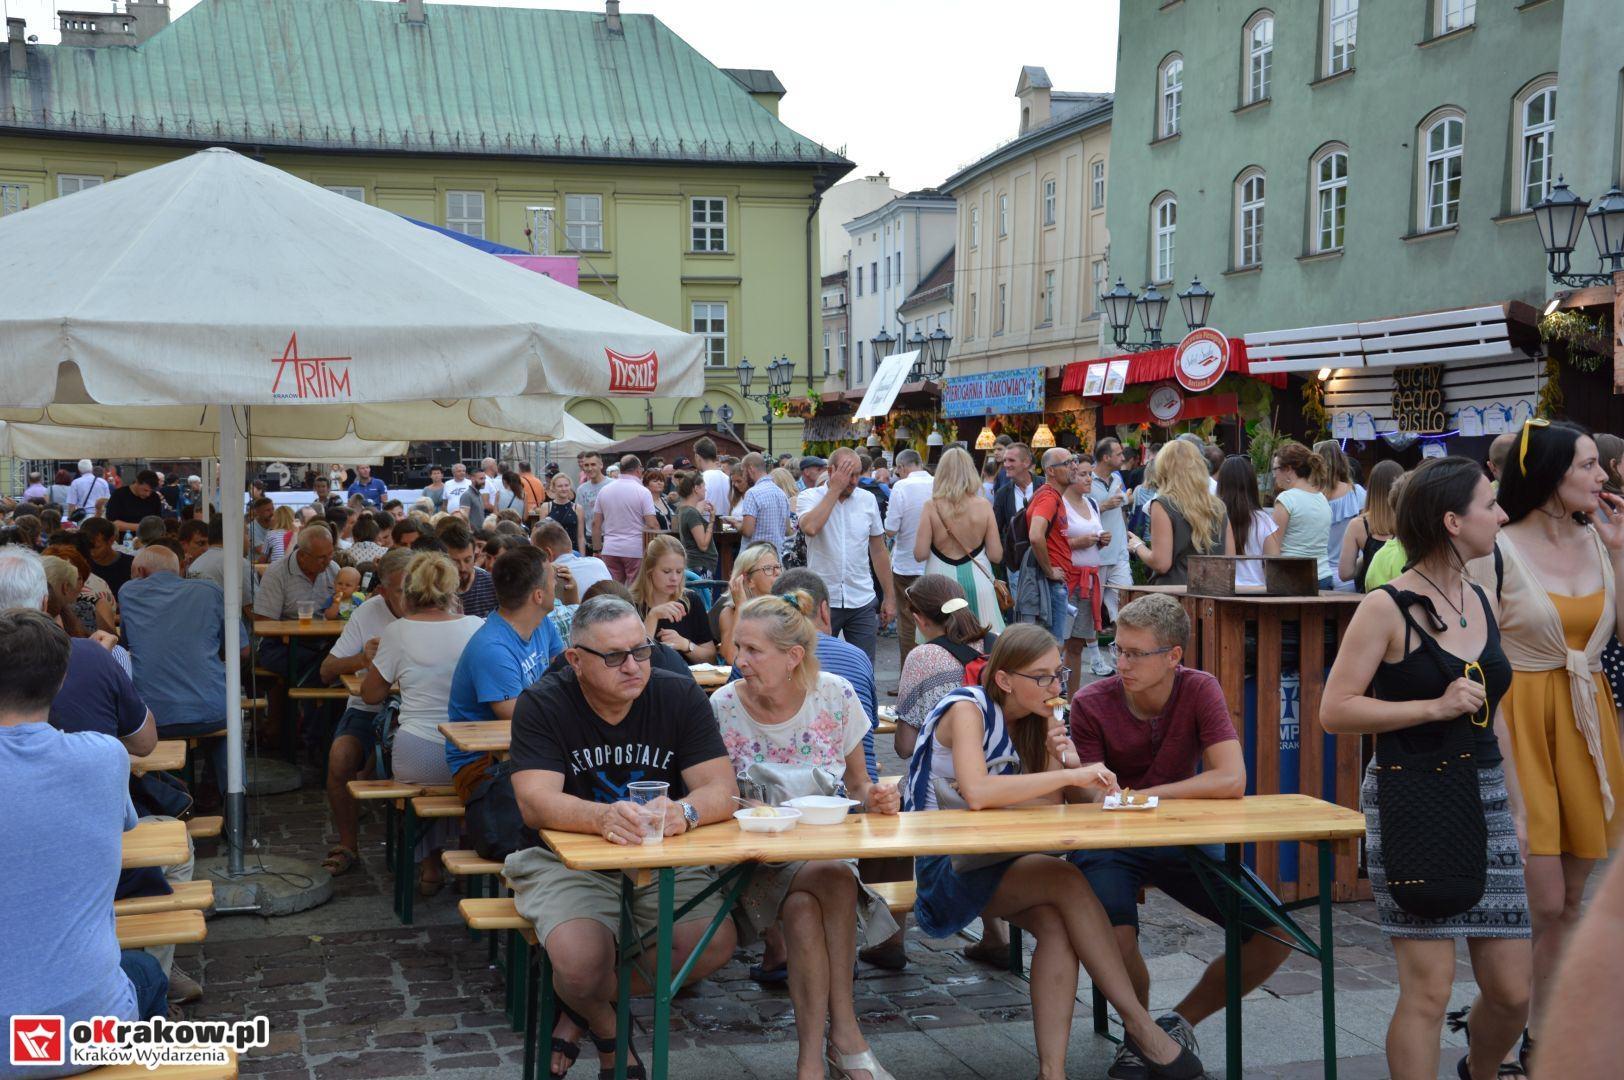 krakow festiwal pierogow maly rynek koncert cheap tobacco 49 150x150 - Galeria zdjęć Festiwal Pierogów Kraków 2018 + zdjęcia z koncertu Cheap Tobacco